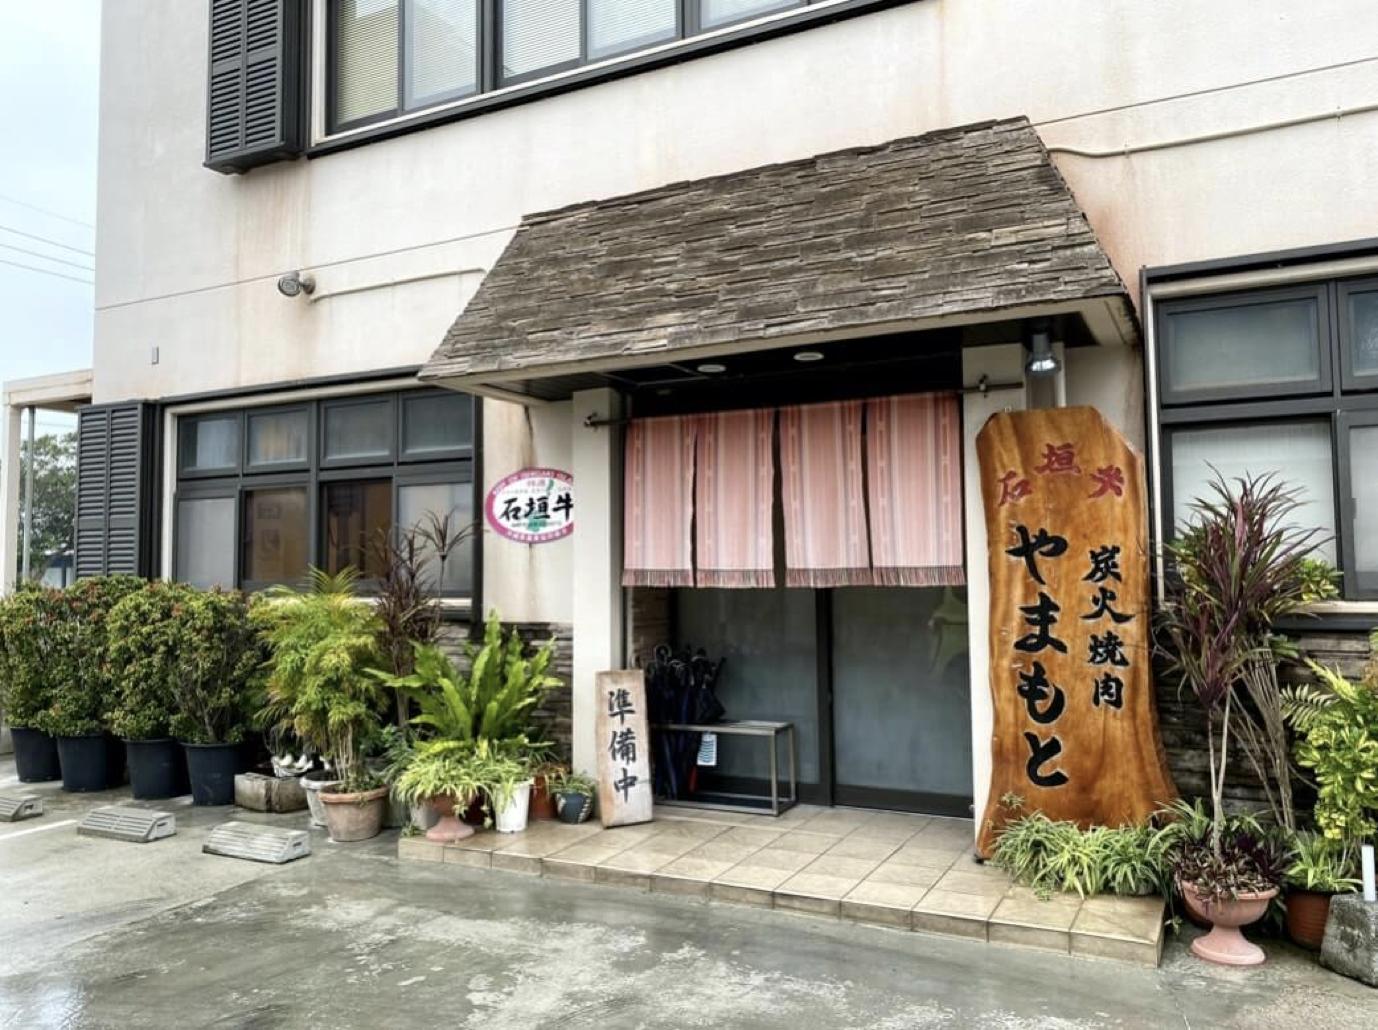 ANAインターコンチネンタル石垣リゾートのブログレポート